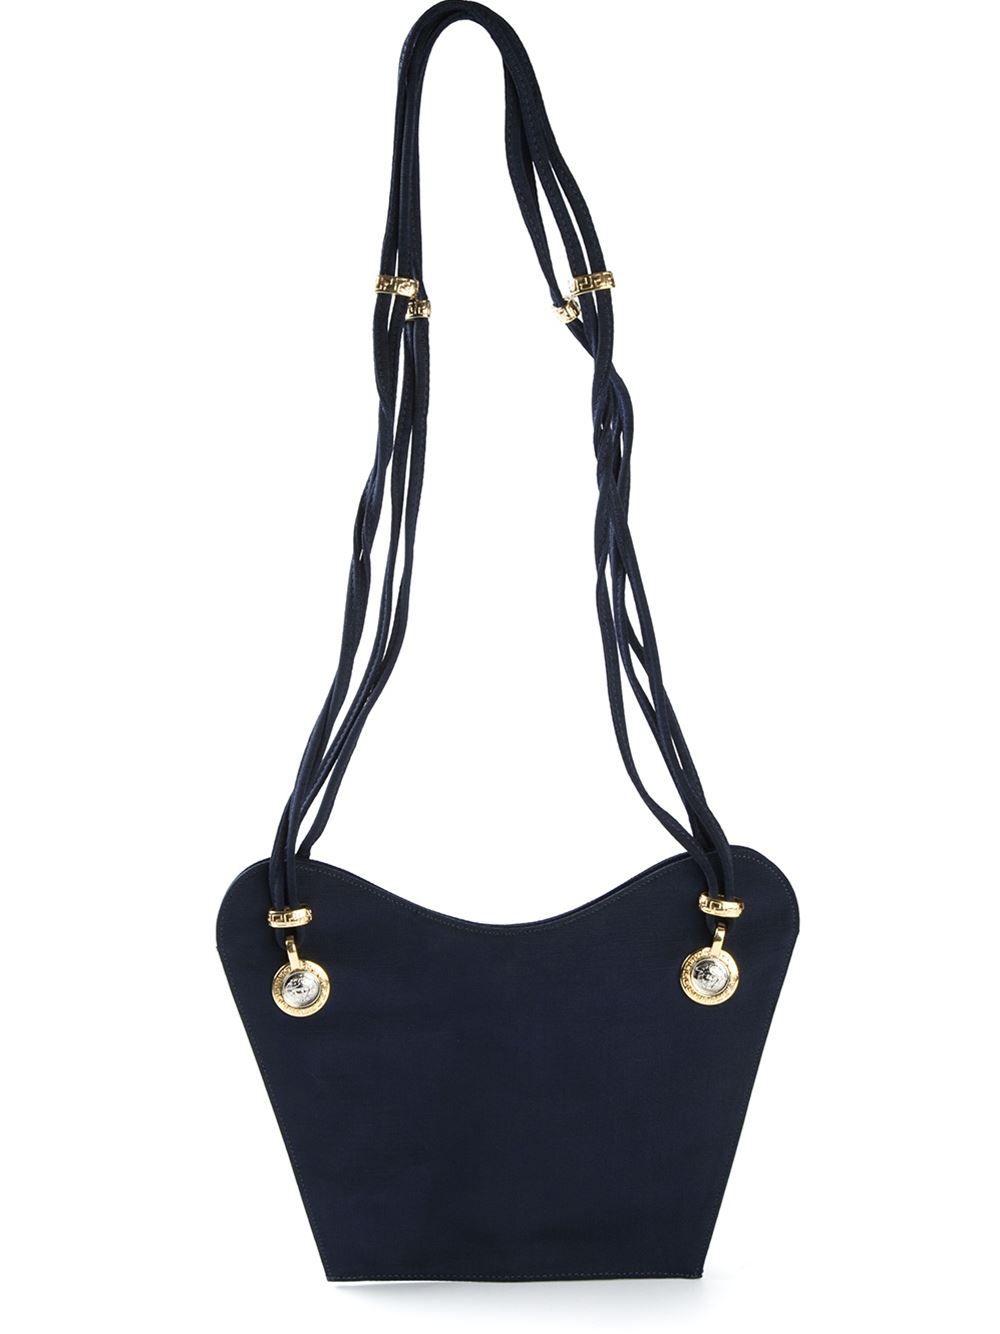 d9c05e560d38 Gianni Versace Vintage Sweetheart Shoulder Bag - A.n.g.e.l.o Vintage -  Farfetch.com